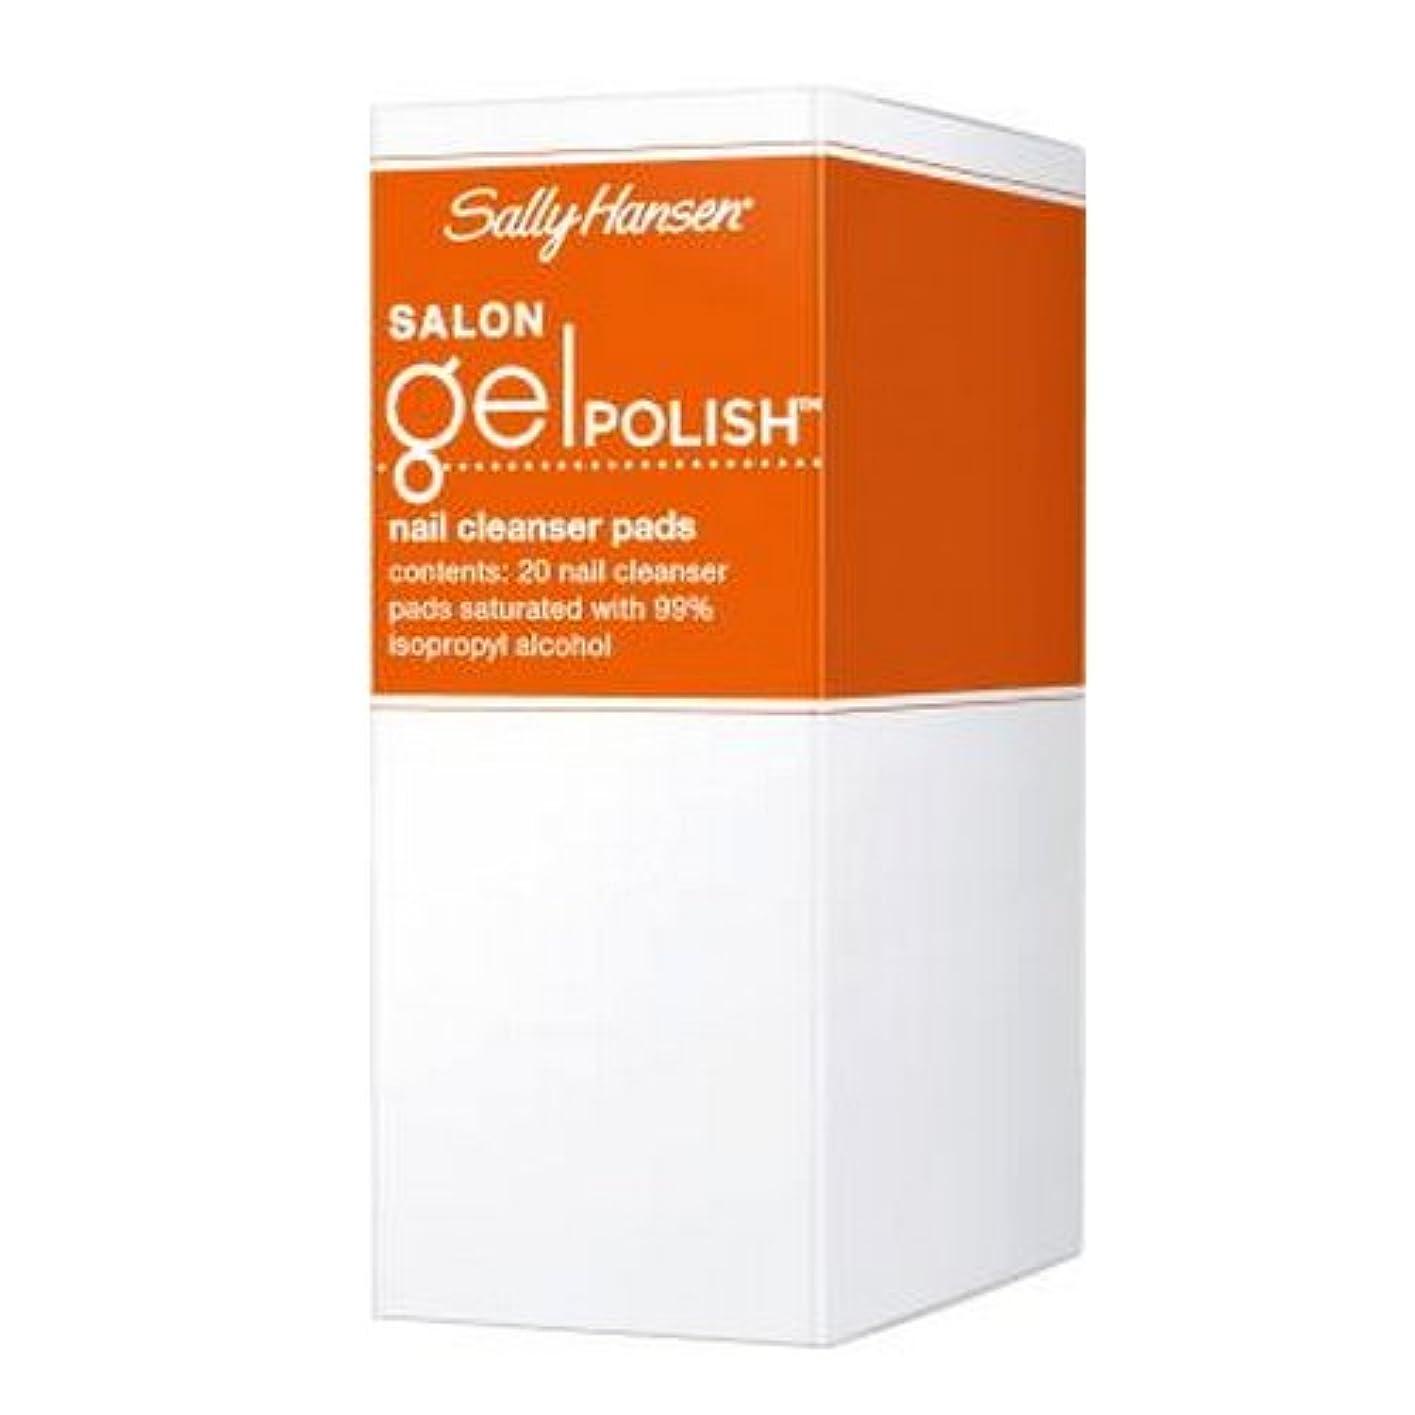 消毒するヘクタール酸っぱいSALLY HANSEN Salon Gel Polish Nail Cleanser Pads - Gel Polish Cleanser Pads (並行輸入品)